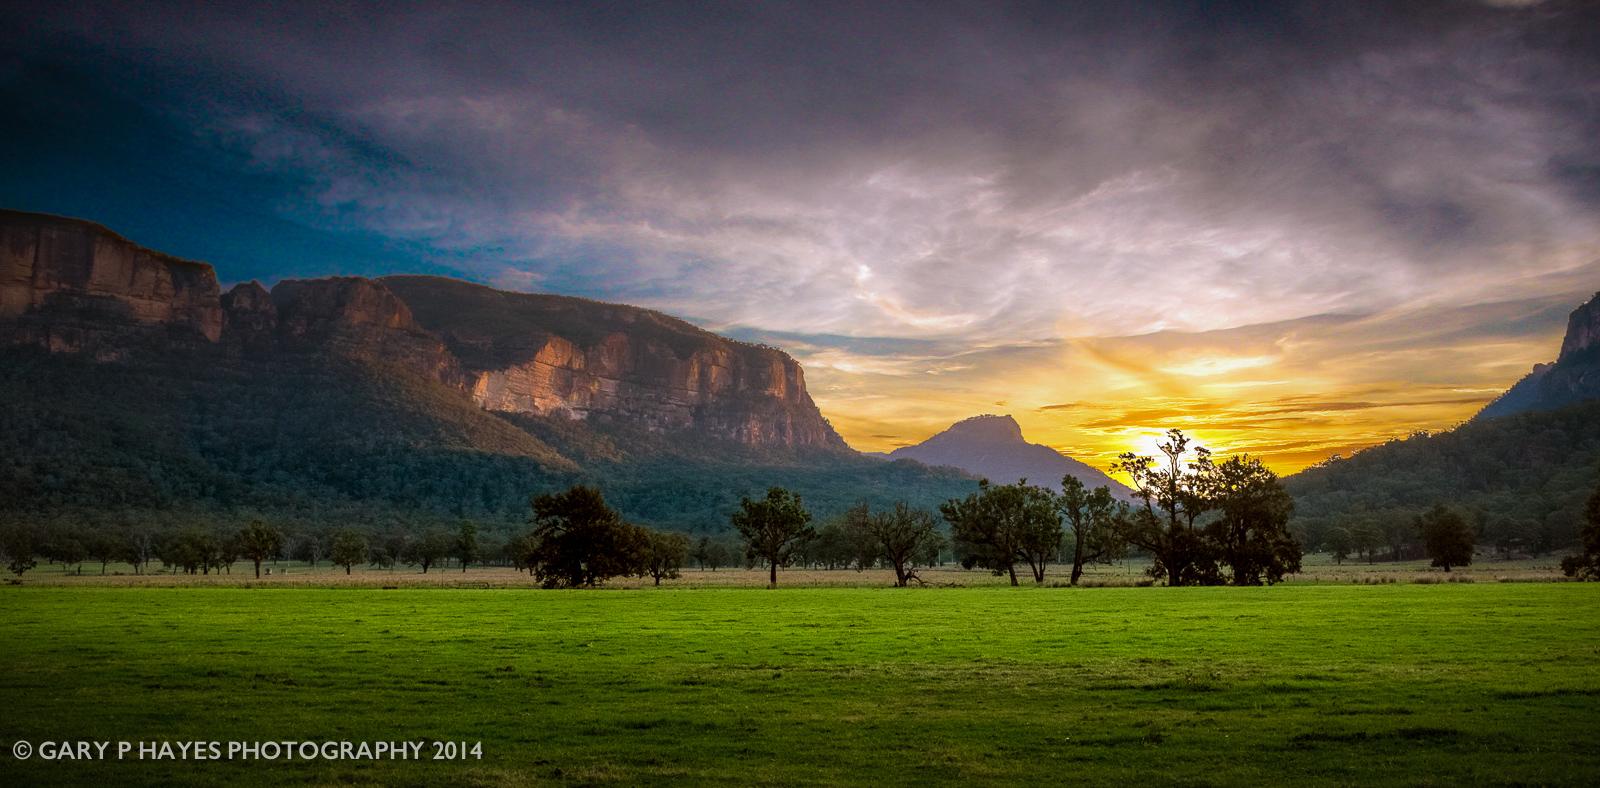 A Capertee Valley sunset near Glen Davis